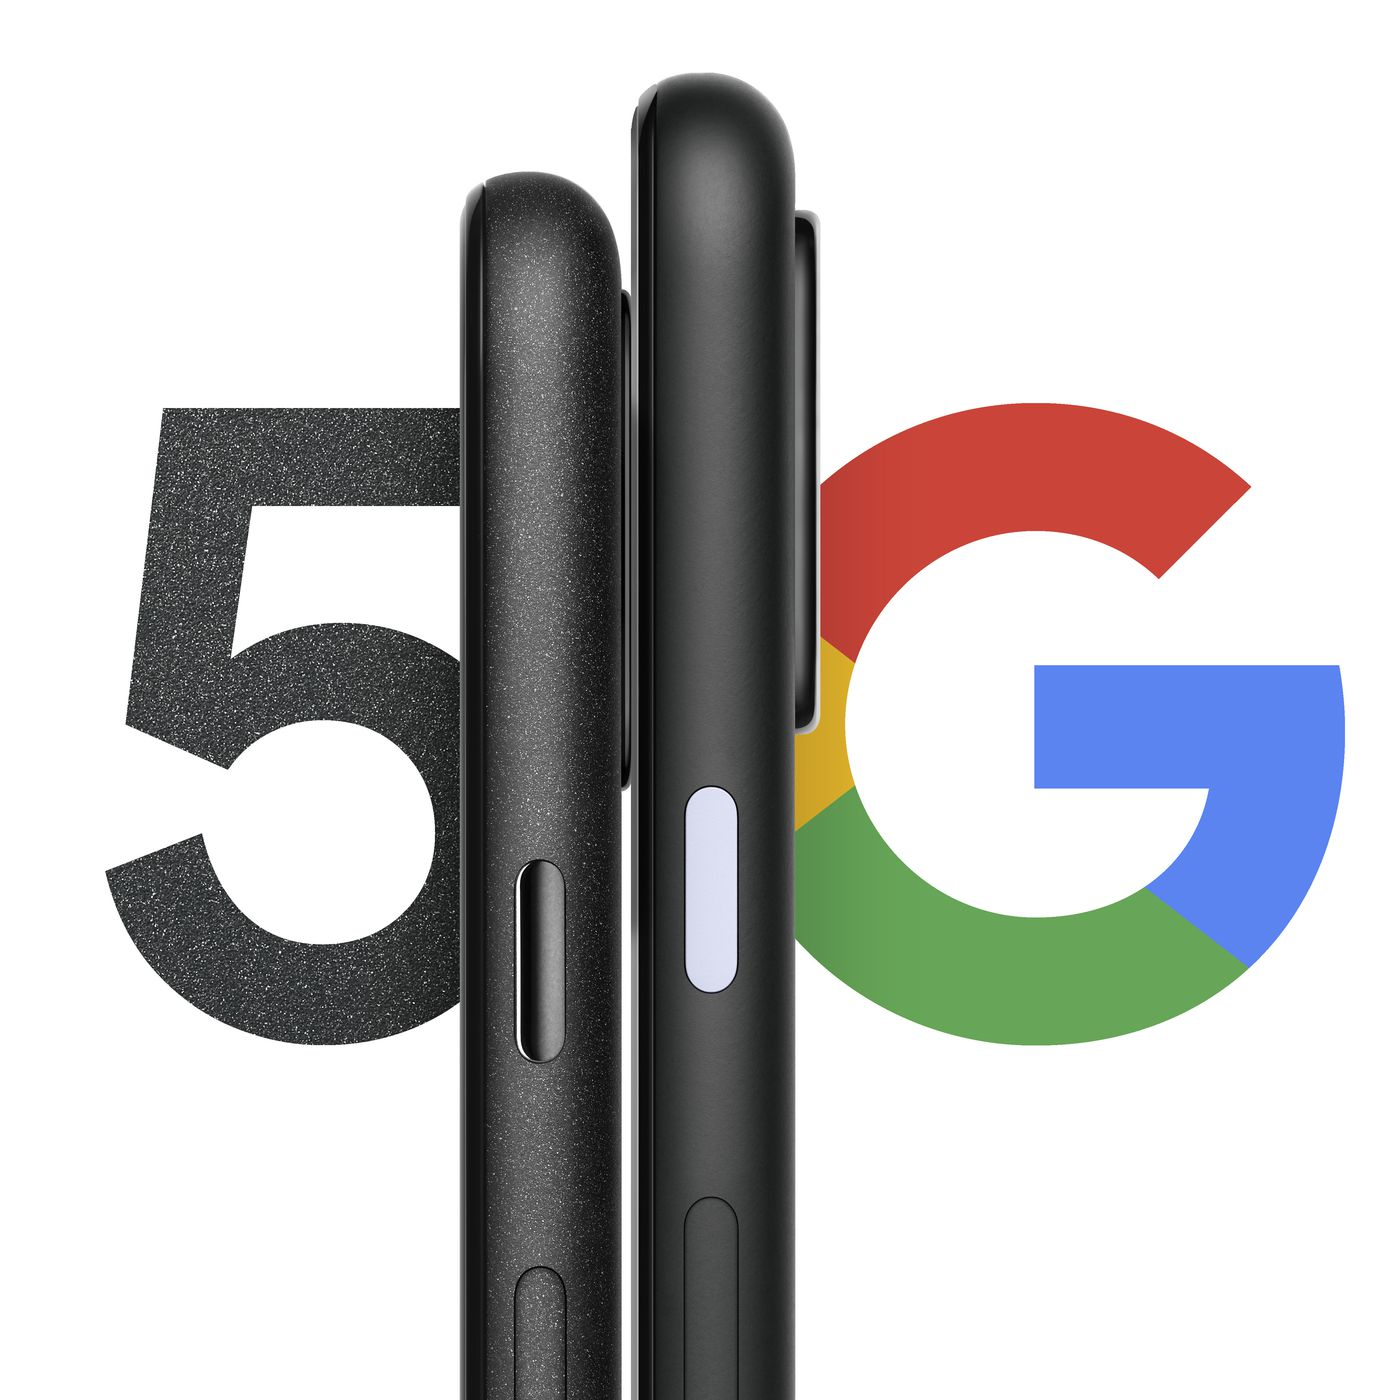 Google Pixel 5 Fiyatı Belli Oldu! | Technotoday ...